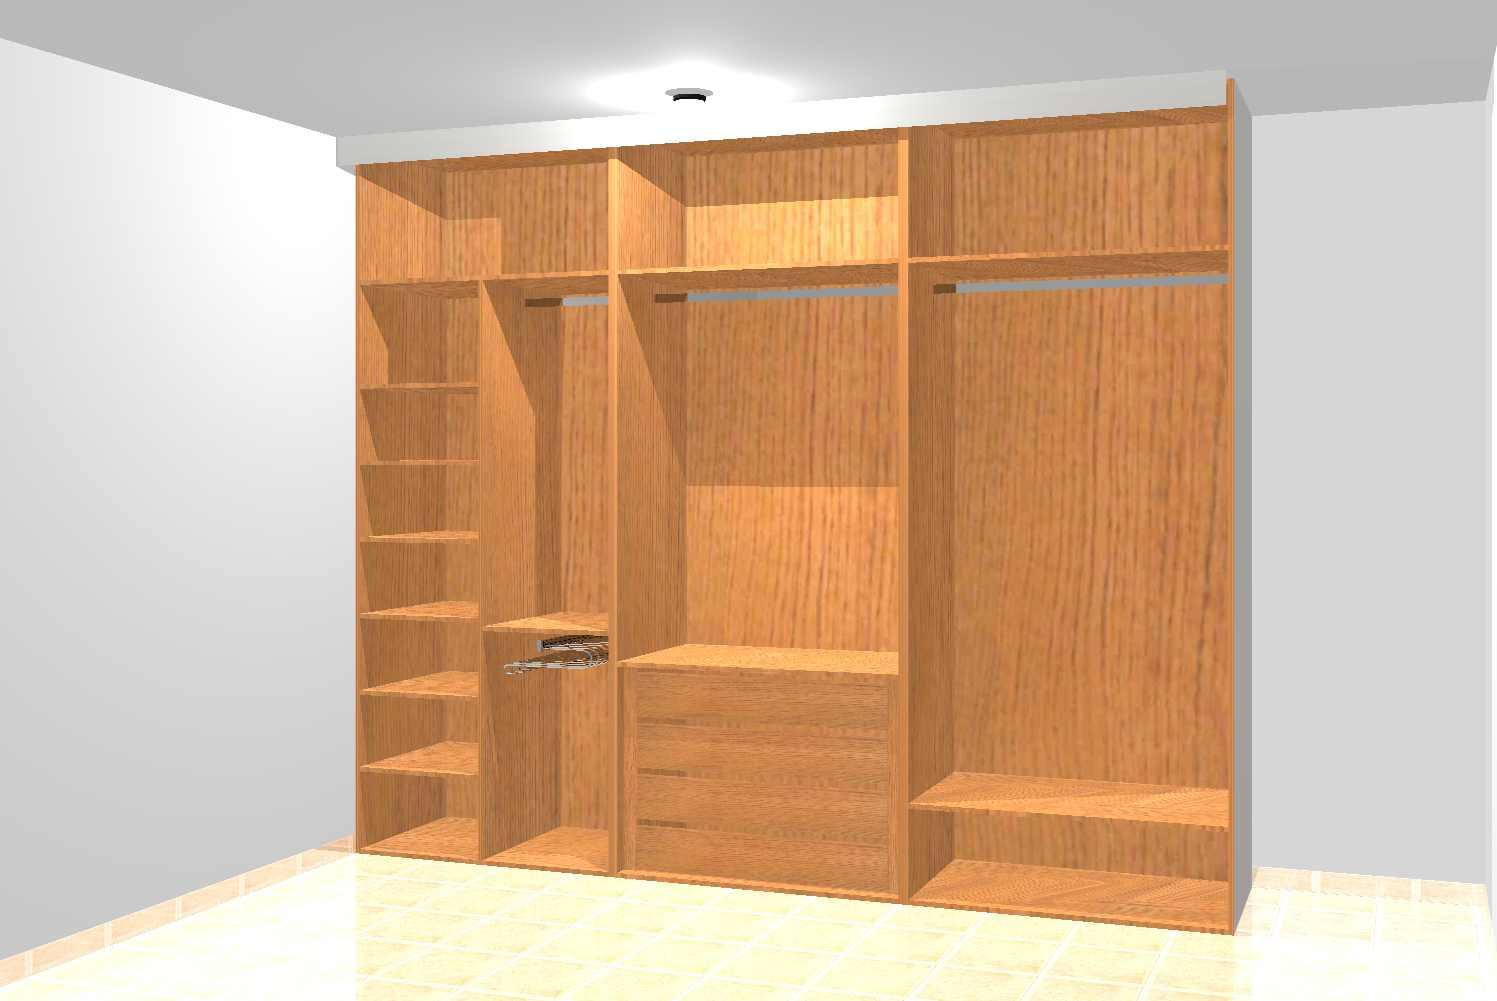 Muebles y carpinteria capita tambien dise amos tu armario for Armarios buenos